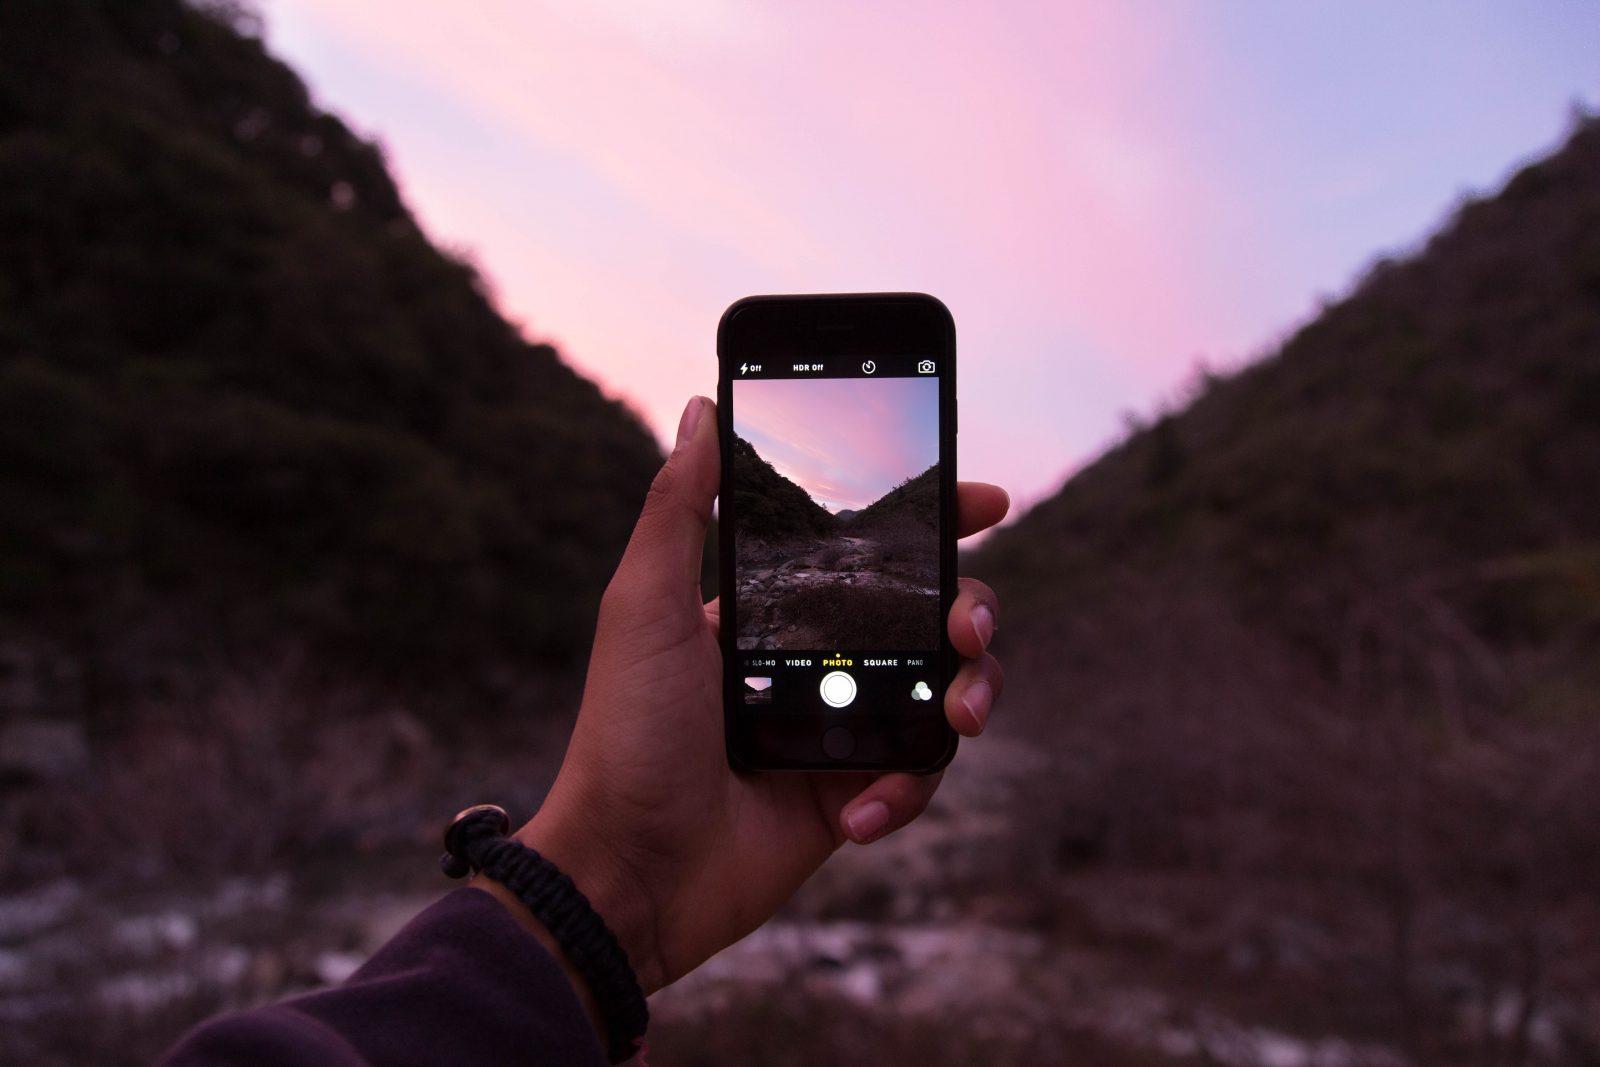 smartfony, iphone, zdjęcie